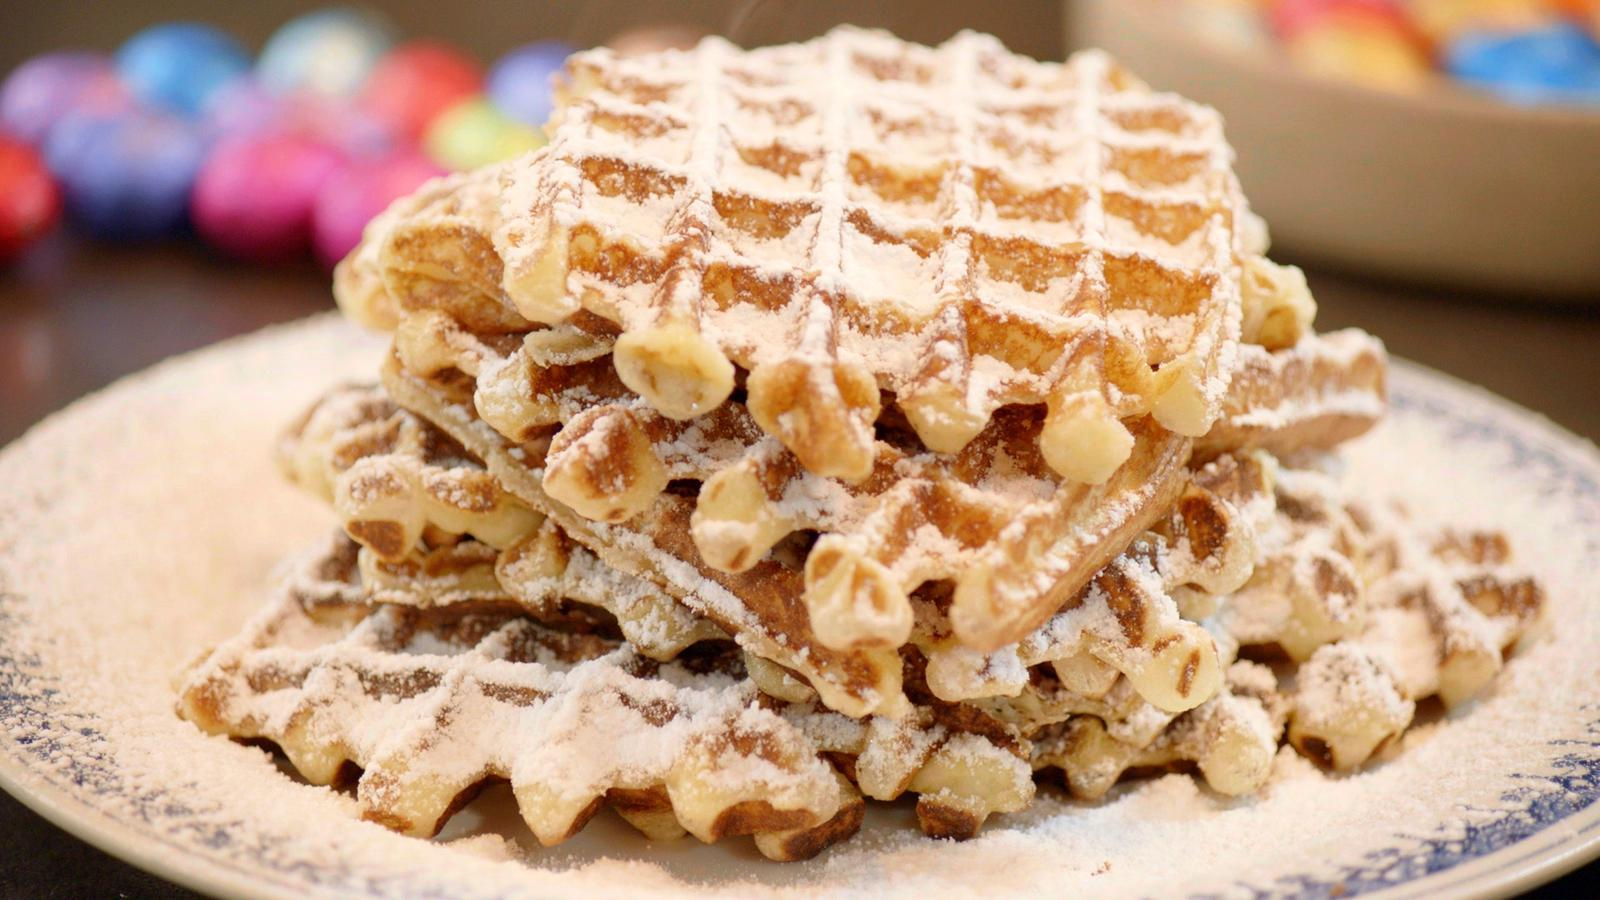 Vlaamse wafels met vanilleshake